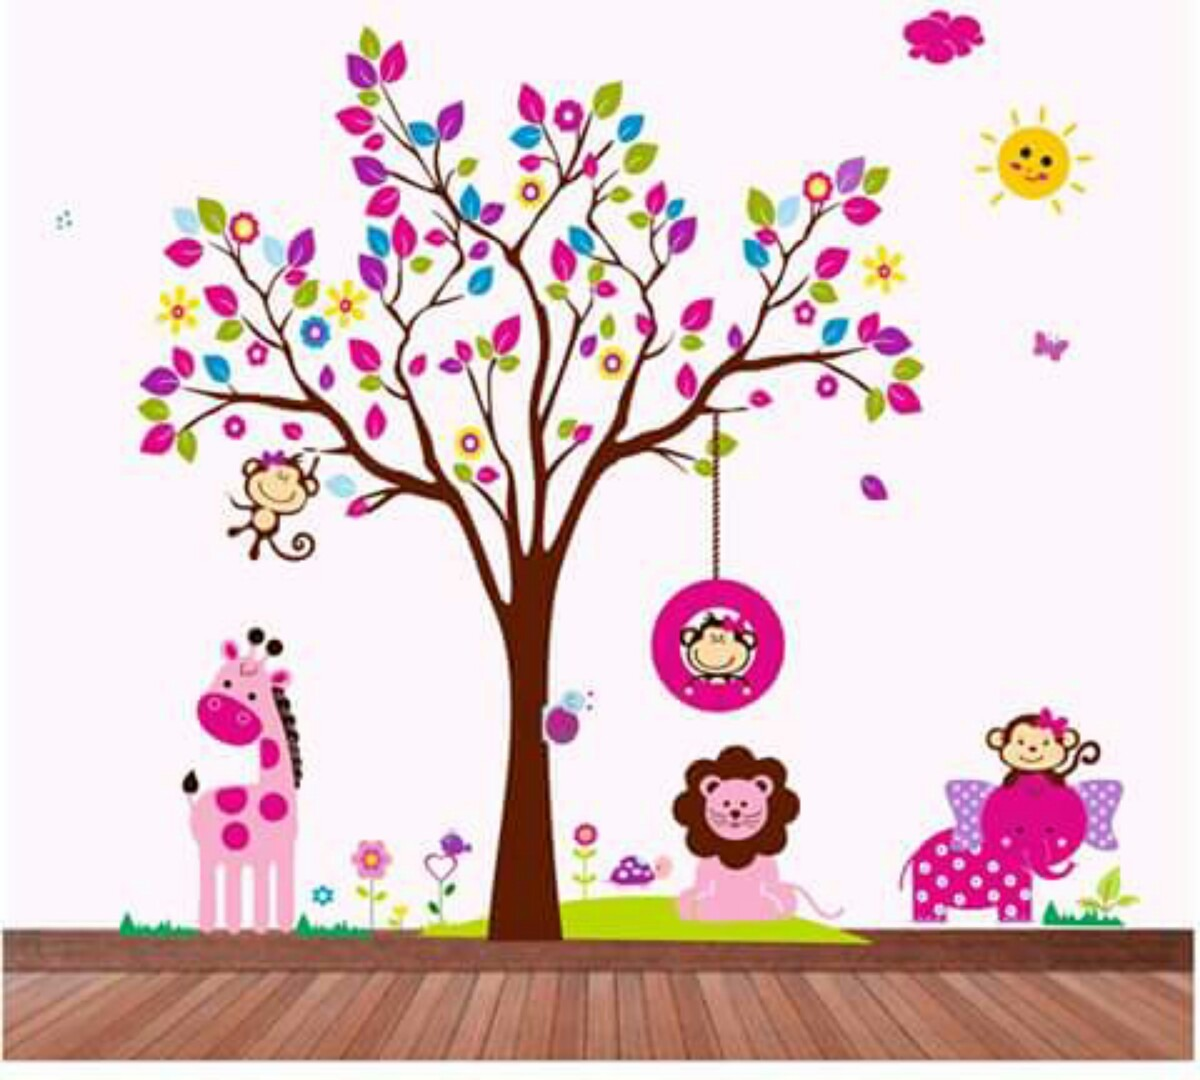 Vinilos decorativos grandes bebes cuartos infantiles cali en mercado libre - Vinilos infantiles grandes ...